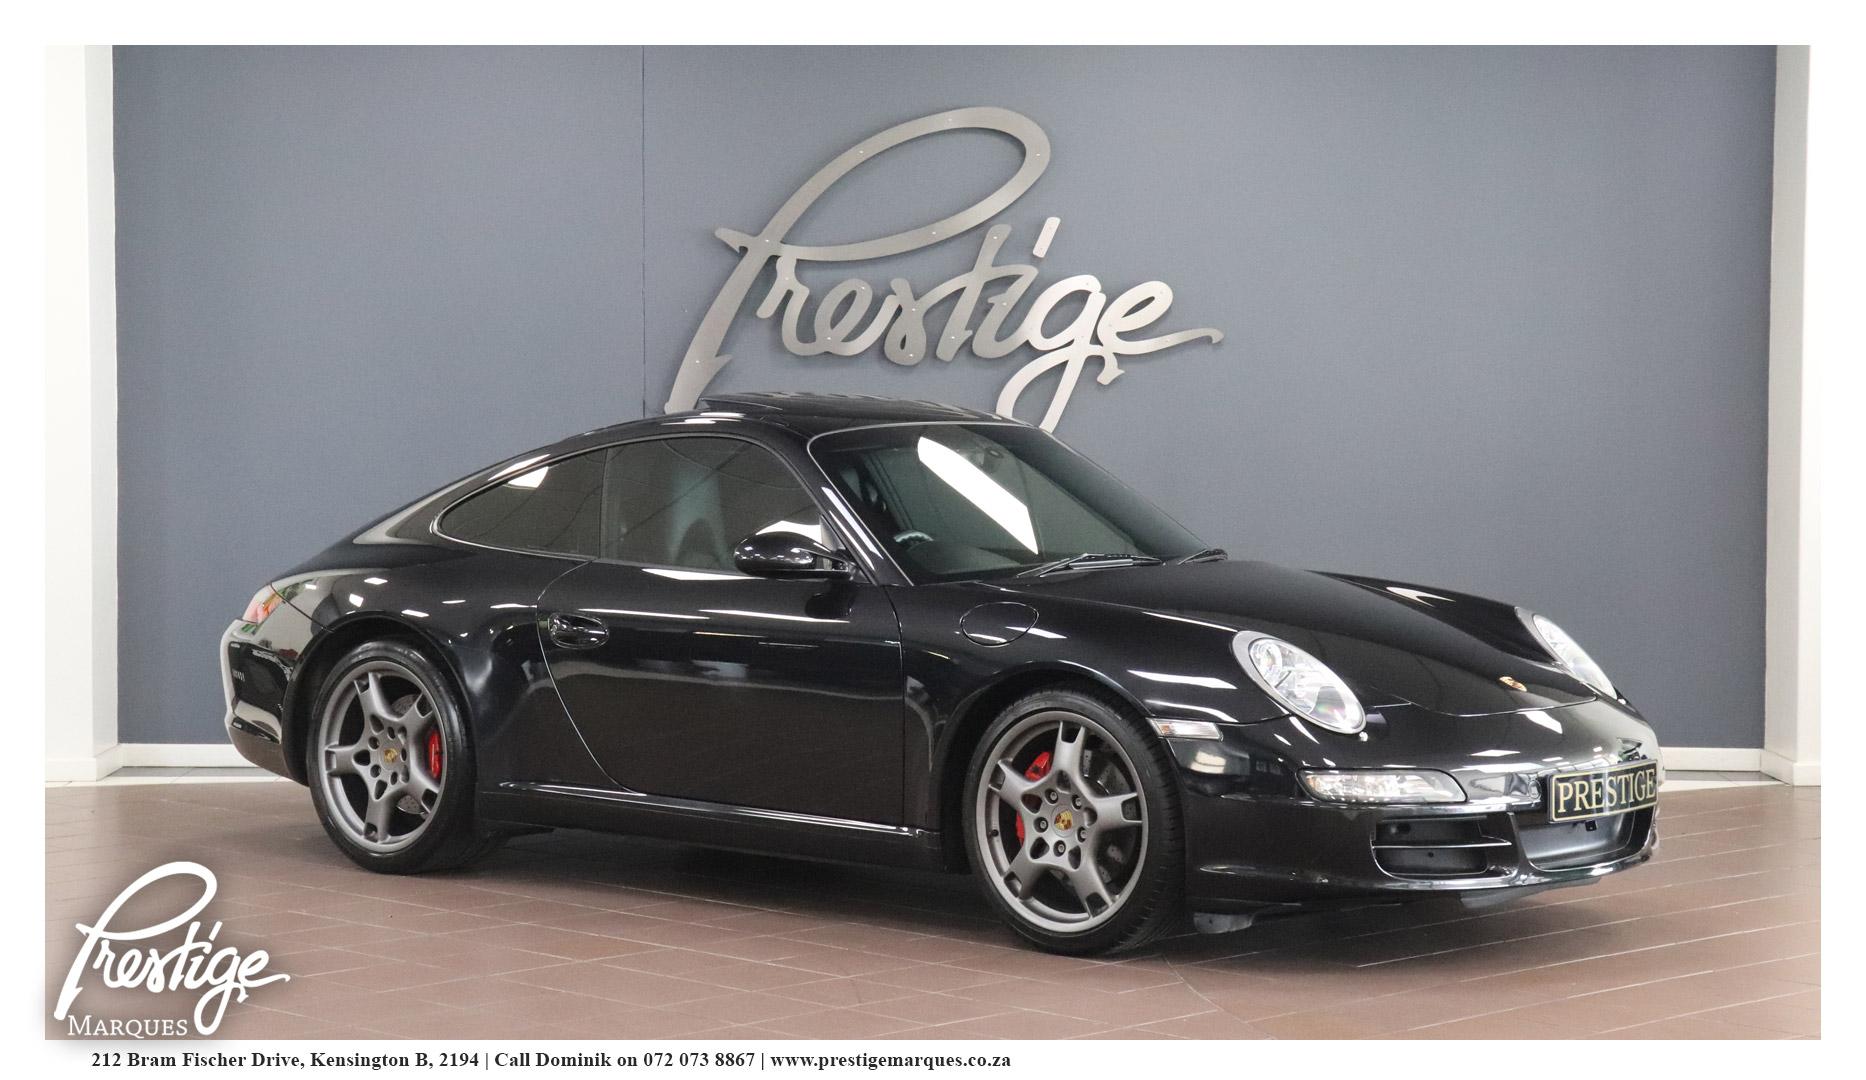 2006-Porsche-911-997-Carrera-S-Manual-Prestige-Marques-Randburg-Sandton-1